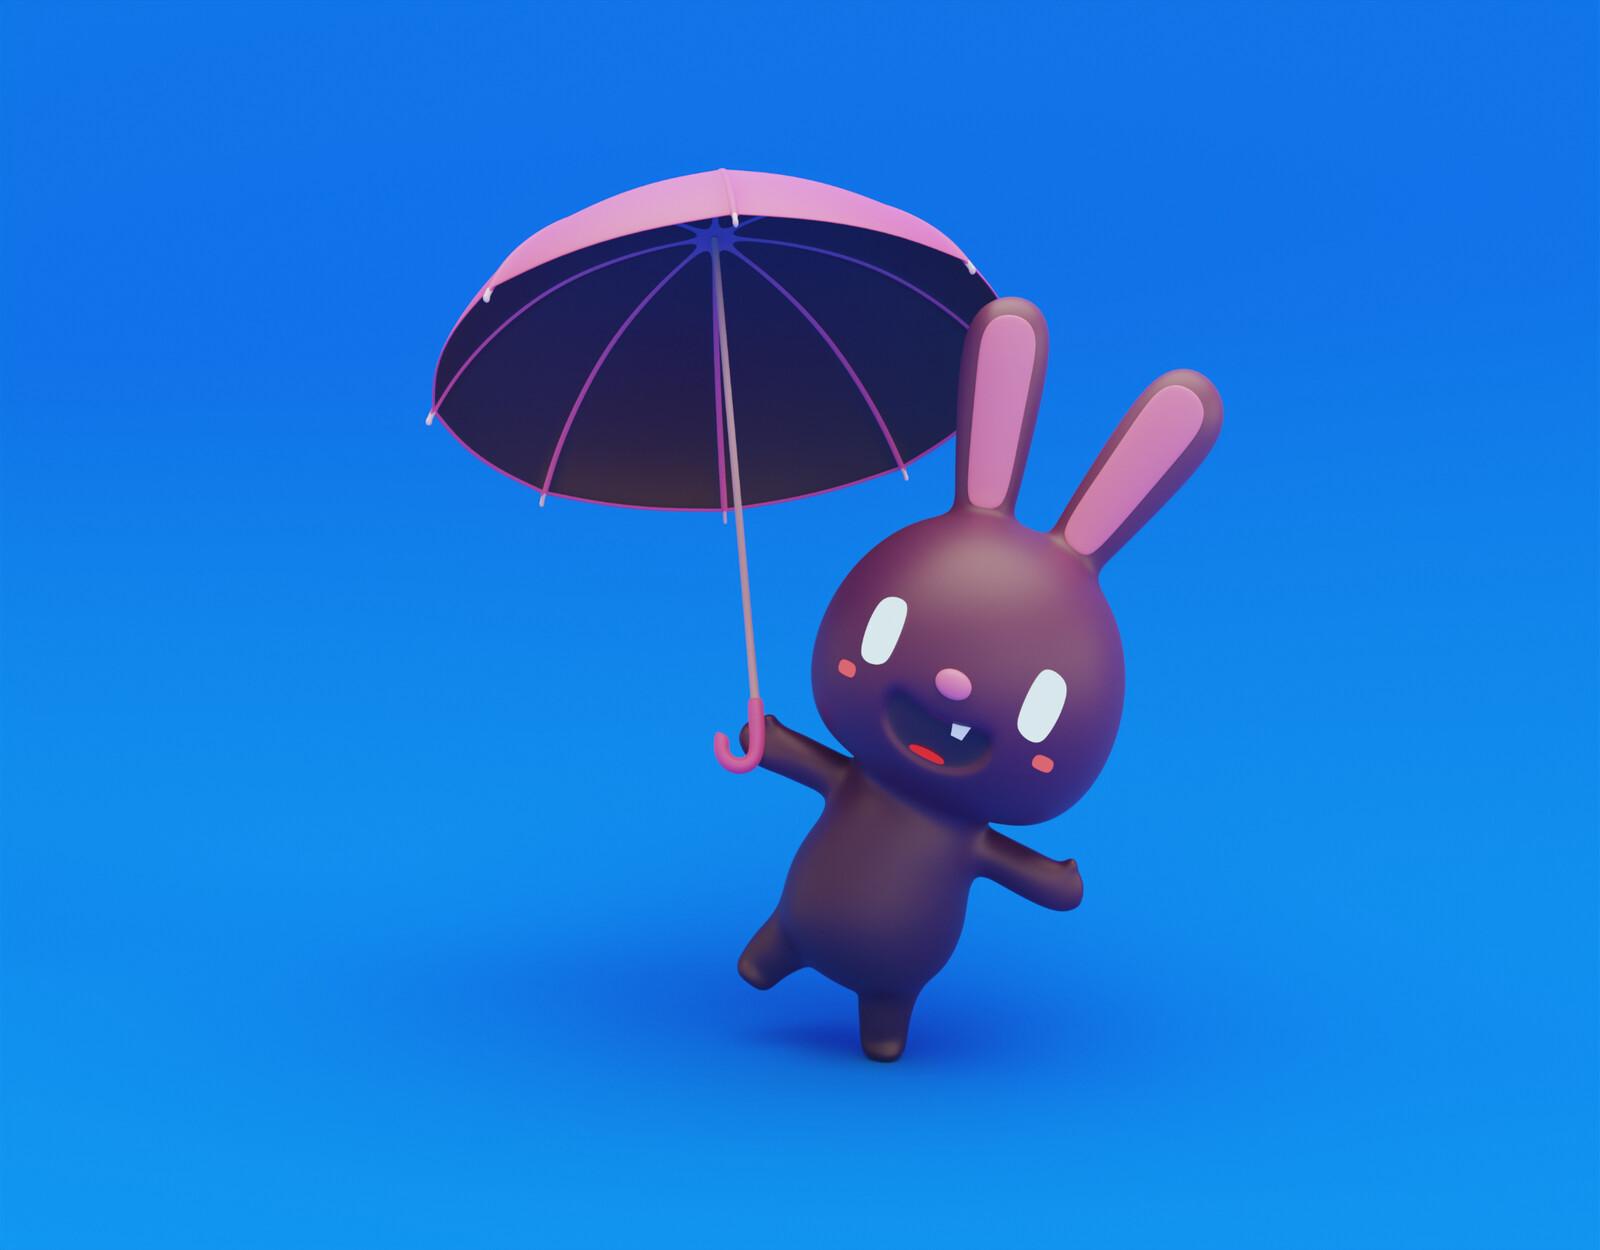 Bonus bunny